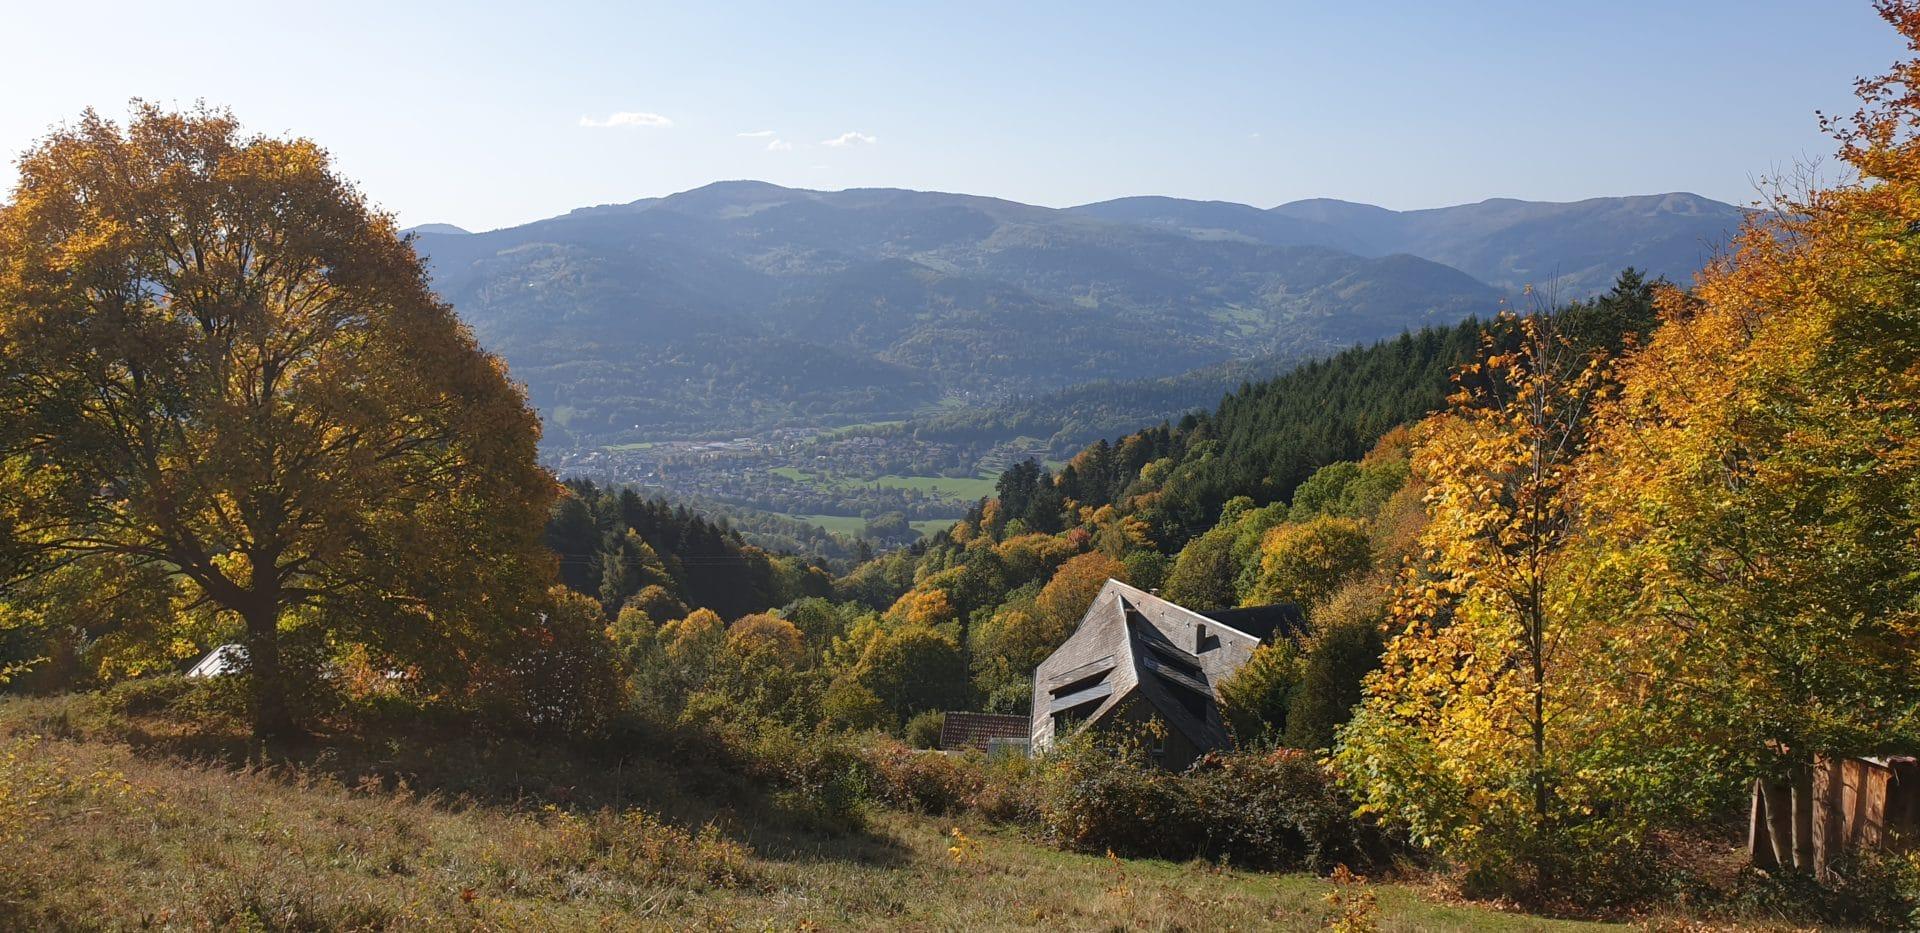 20191014 111600 1920x933 - Randonnée Col du Linge  Munster Vosges Alsace